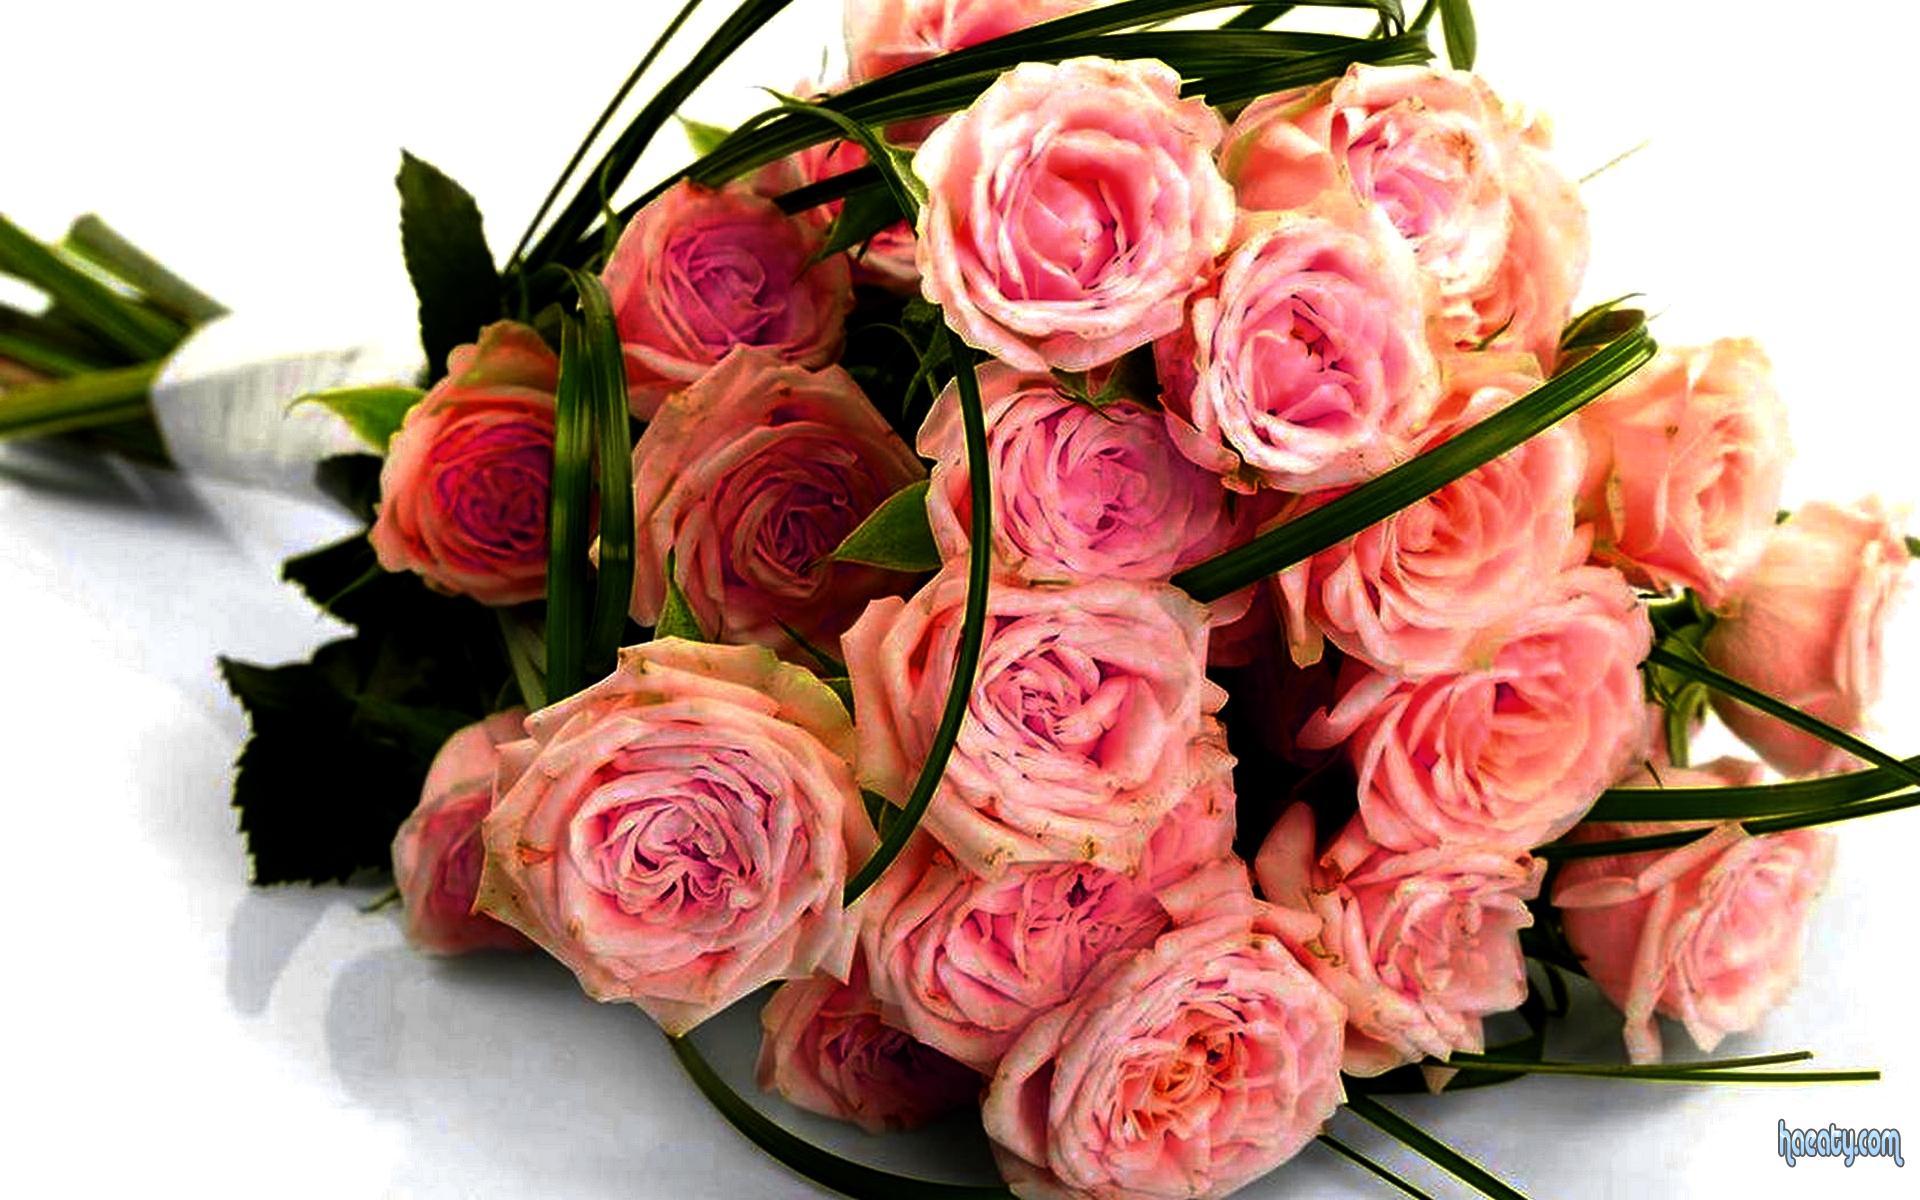 بالصور صور احلى صور باقات ورود للتهنئة جميلة جديدة , اجمل صور لباقات الورد 4054 7